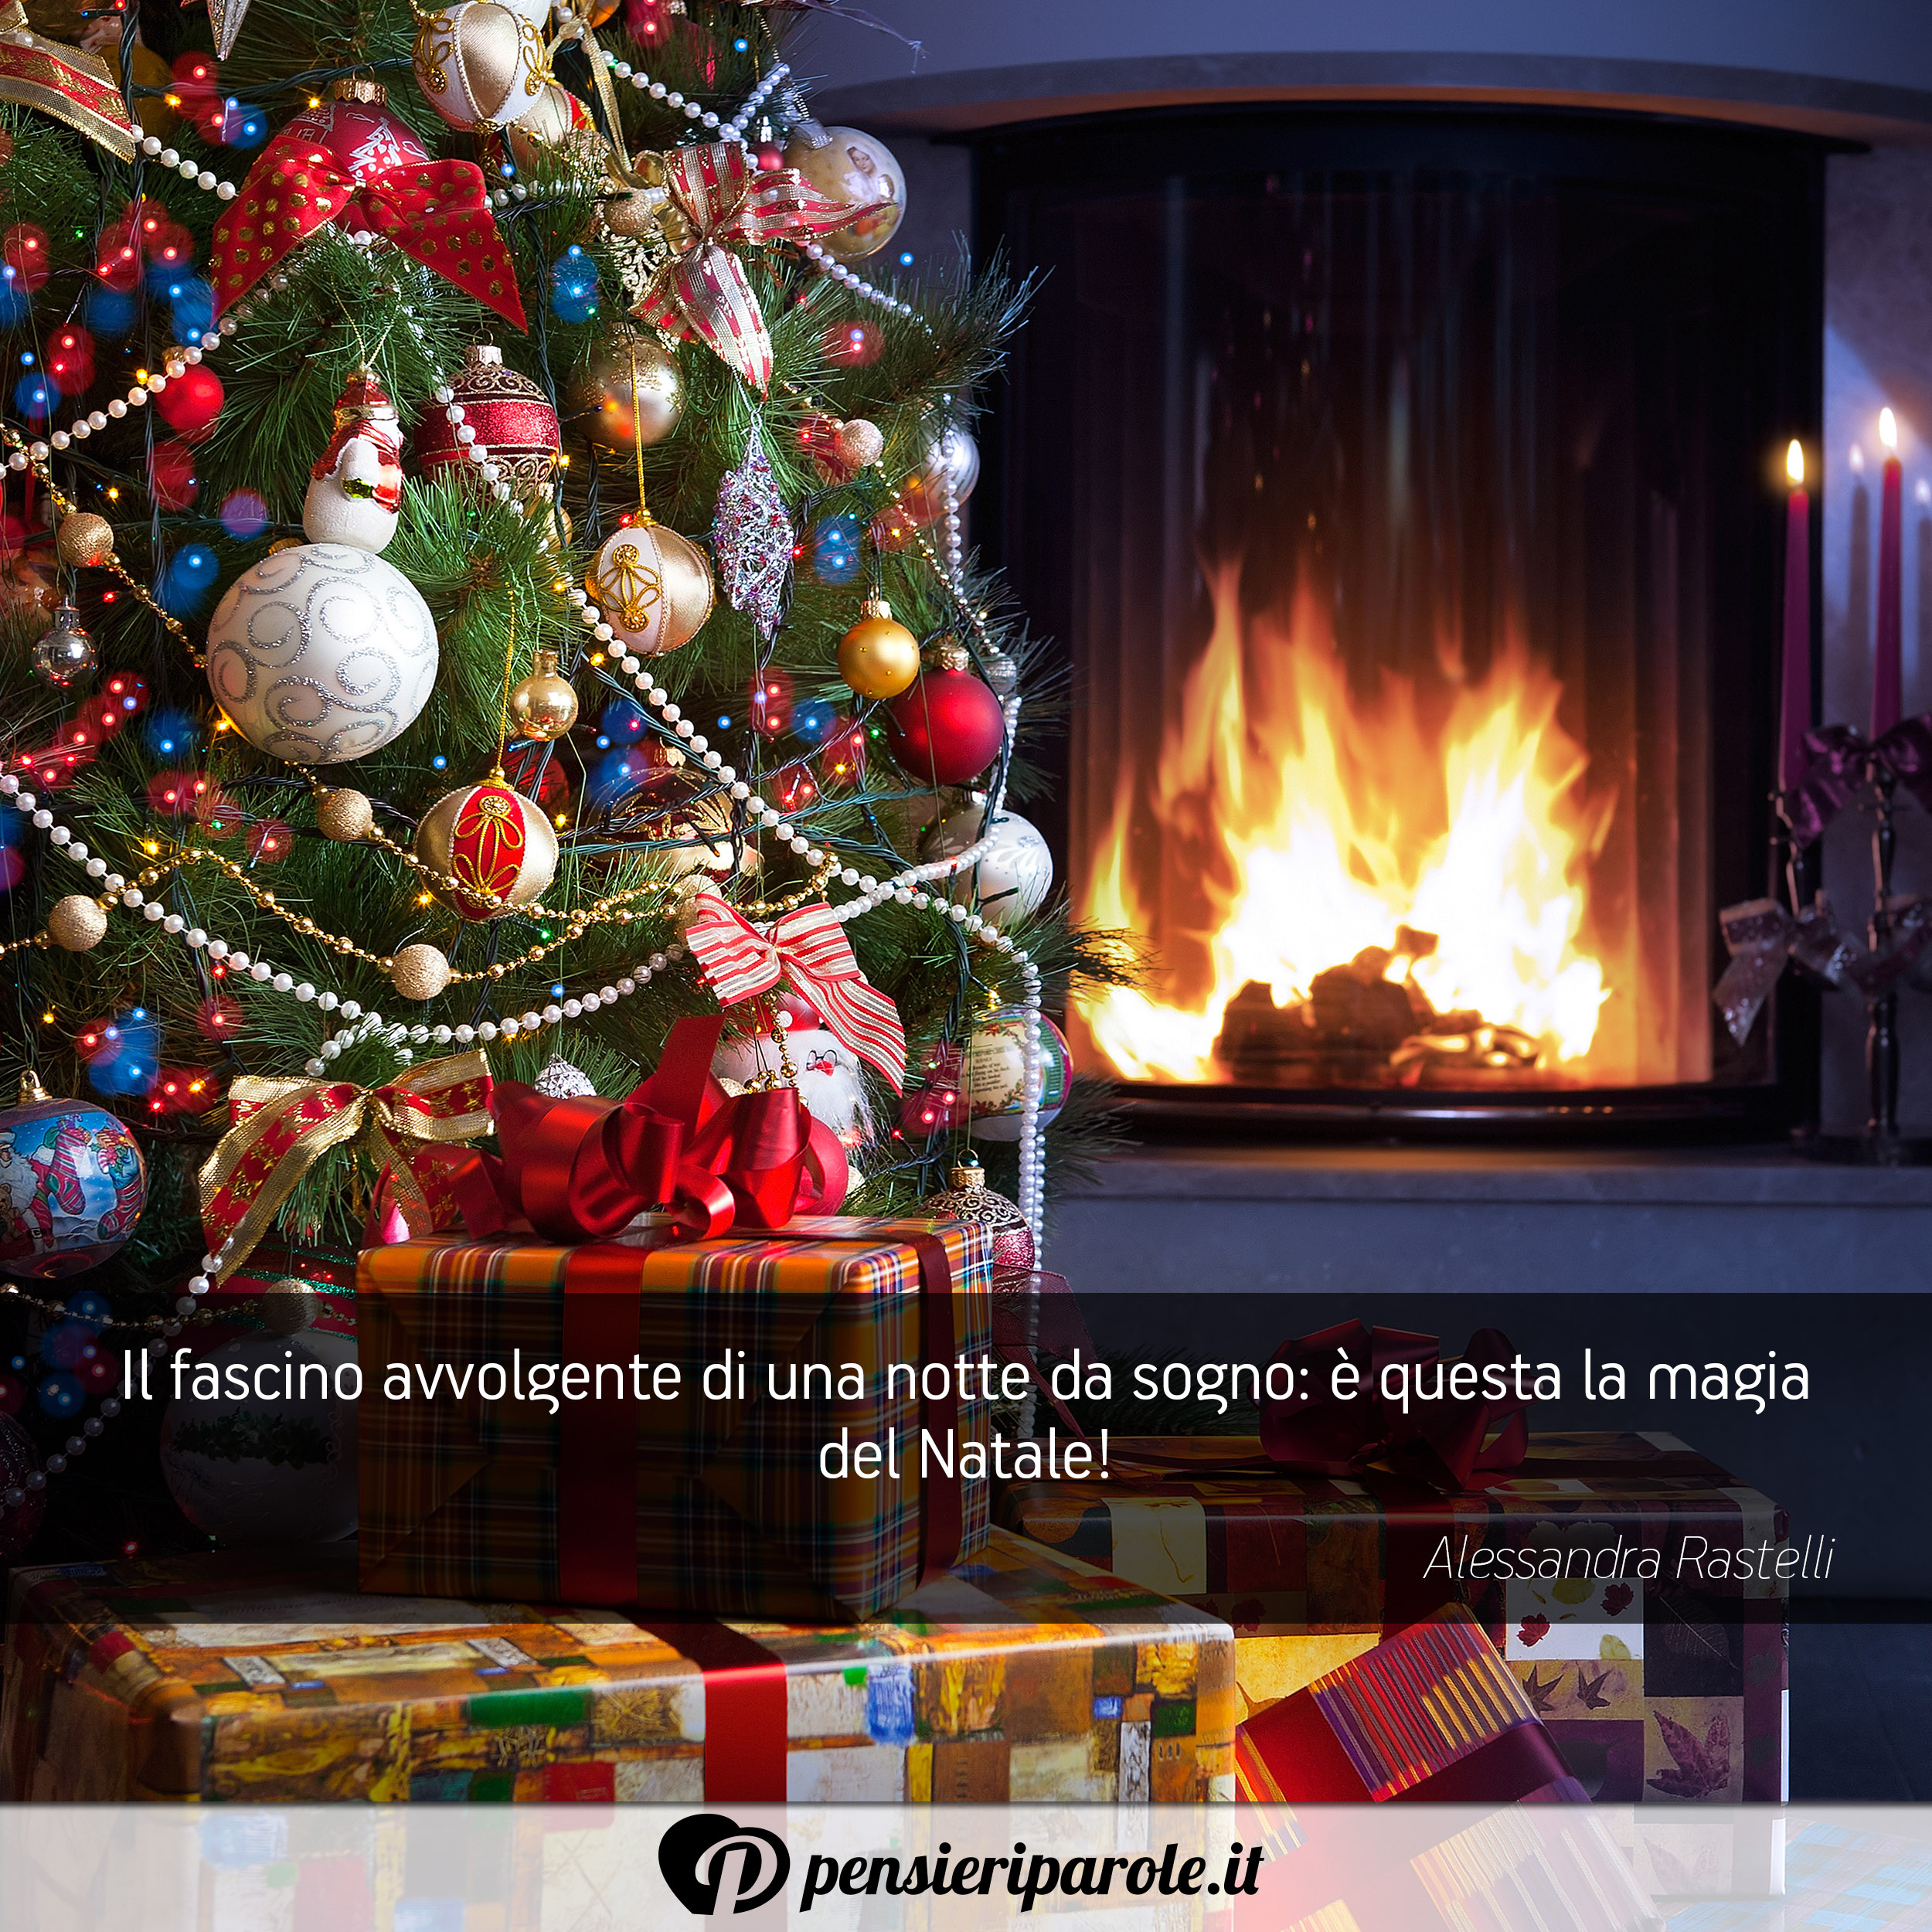 Quanto Manca Al Natale.Quanti Giorni Mancano A Natale Pensieriparole Magazine